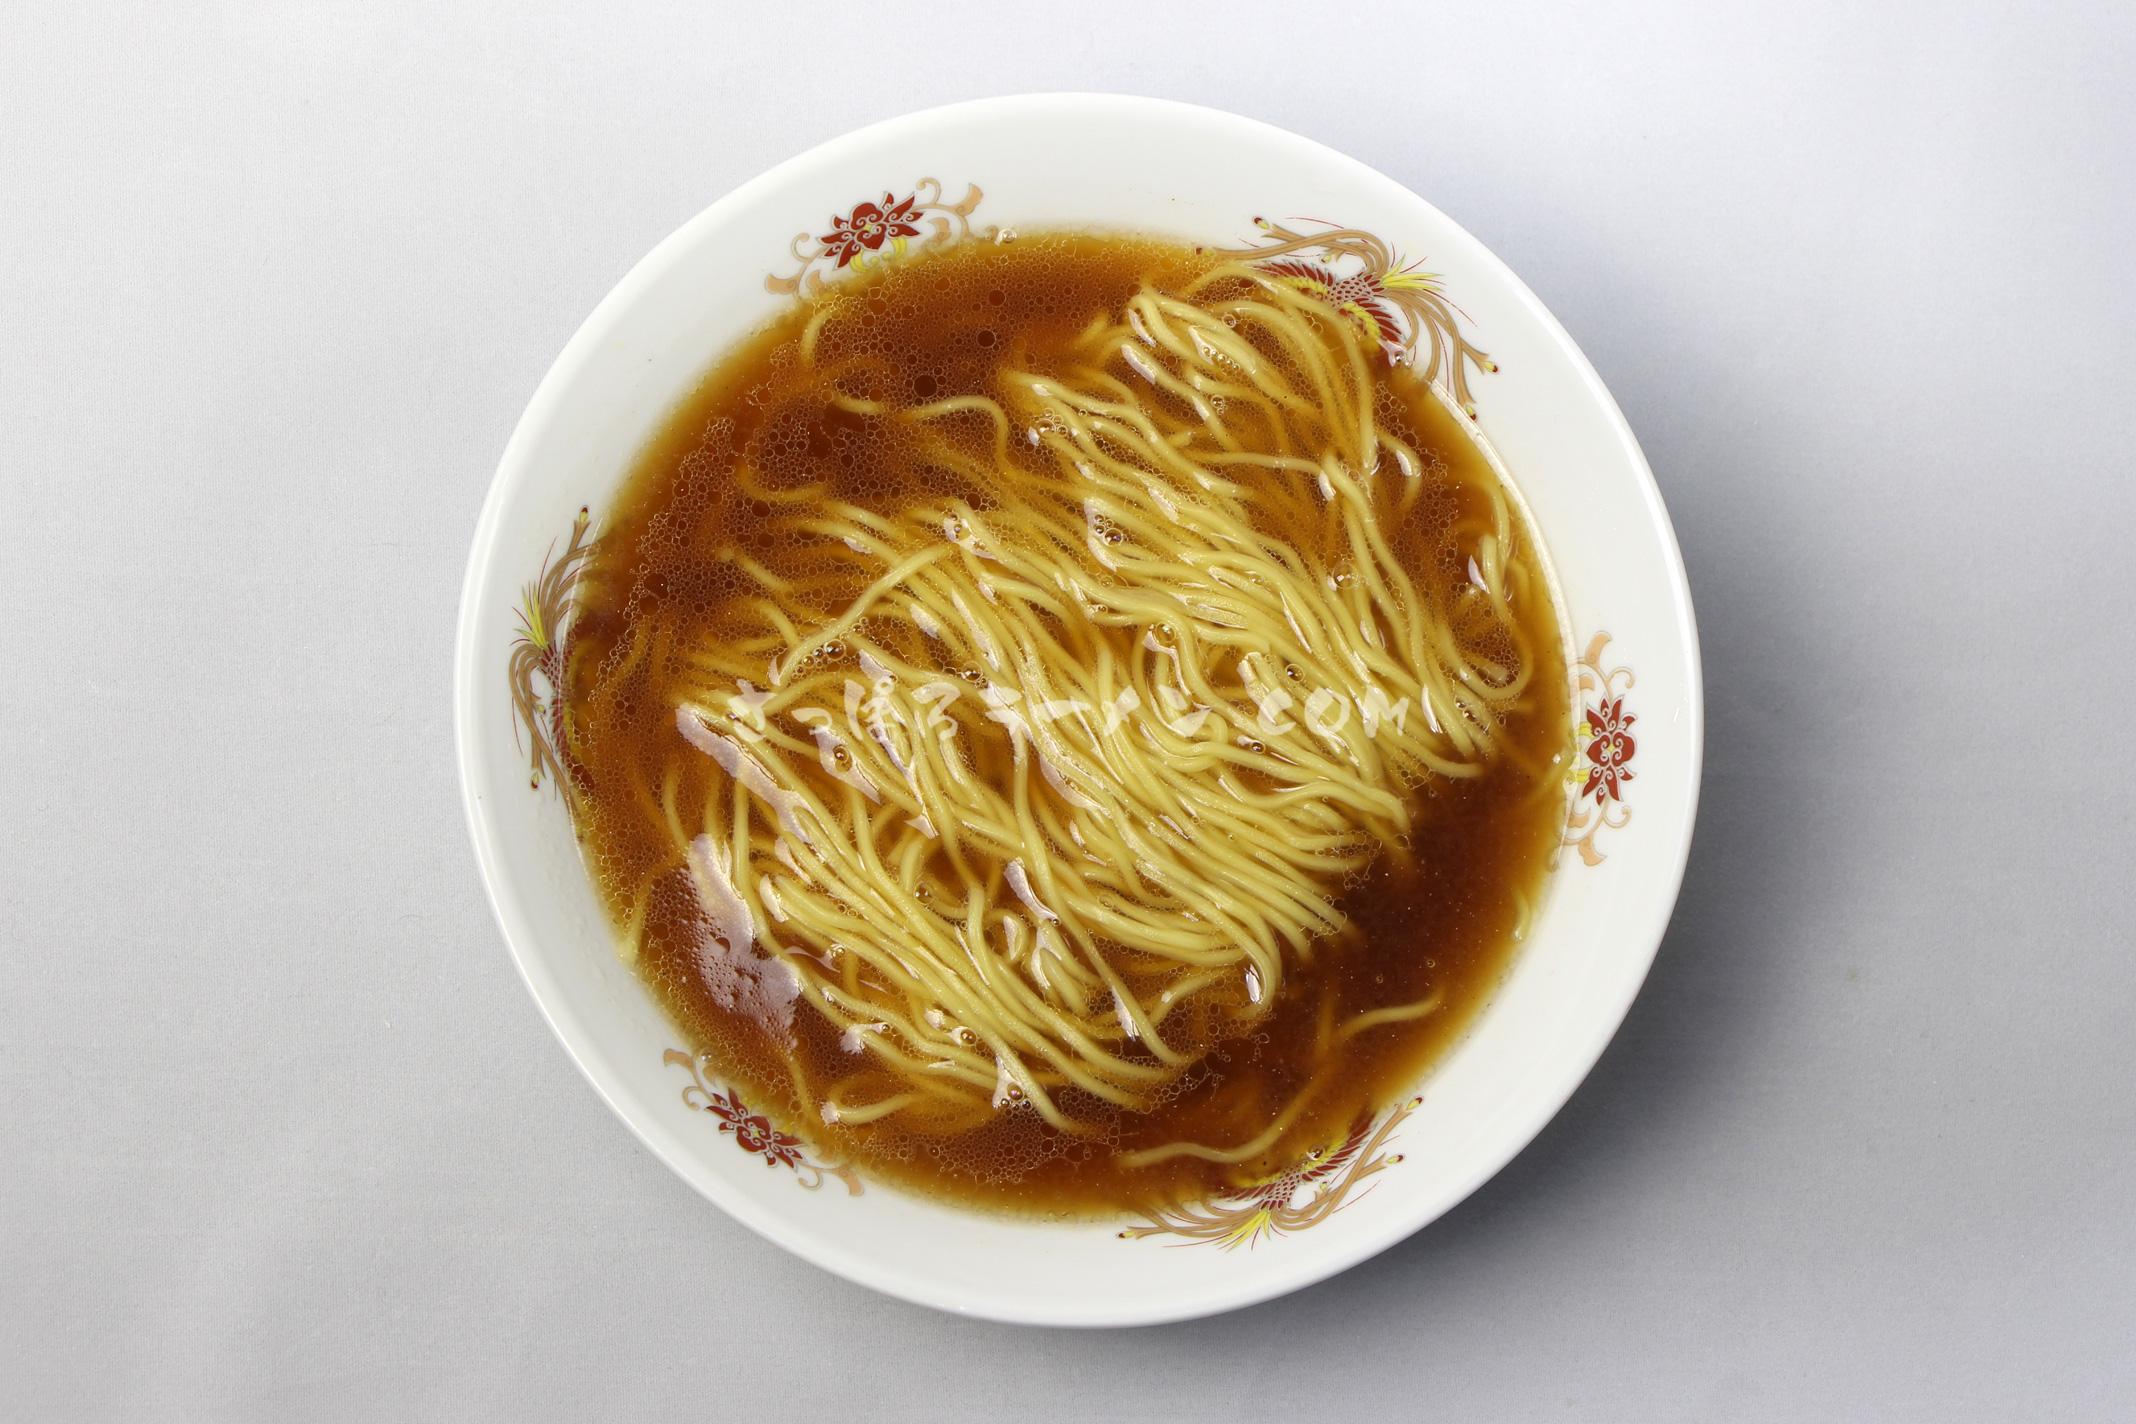 「旭川らぅめん 青葉 しょうゆ味」(藤原製麺)の完成画像